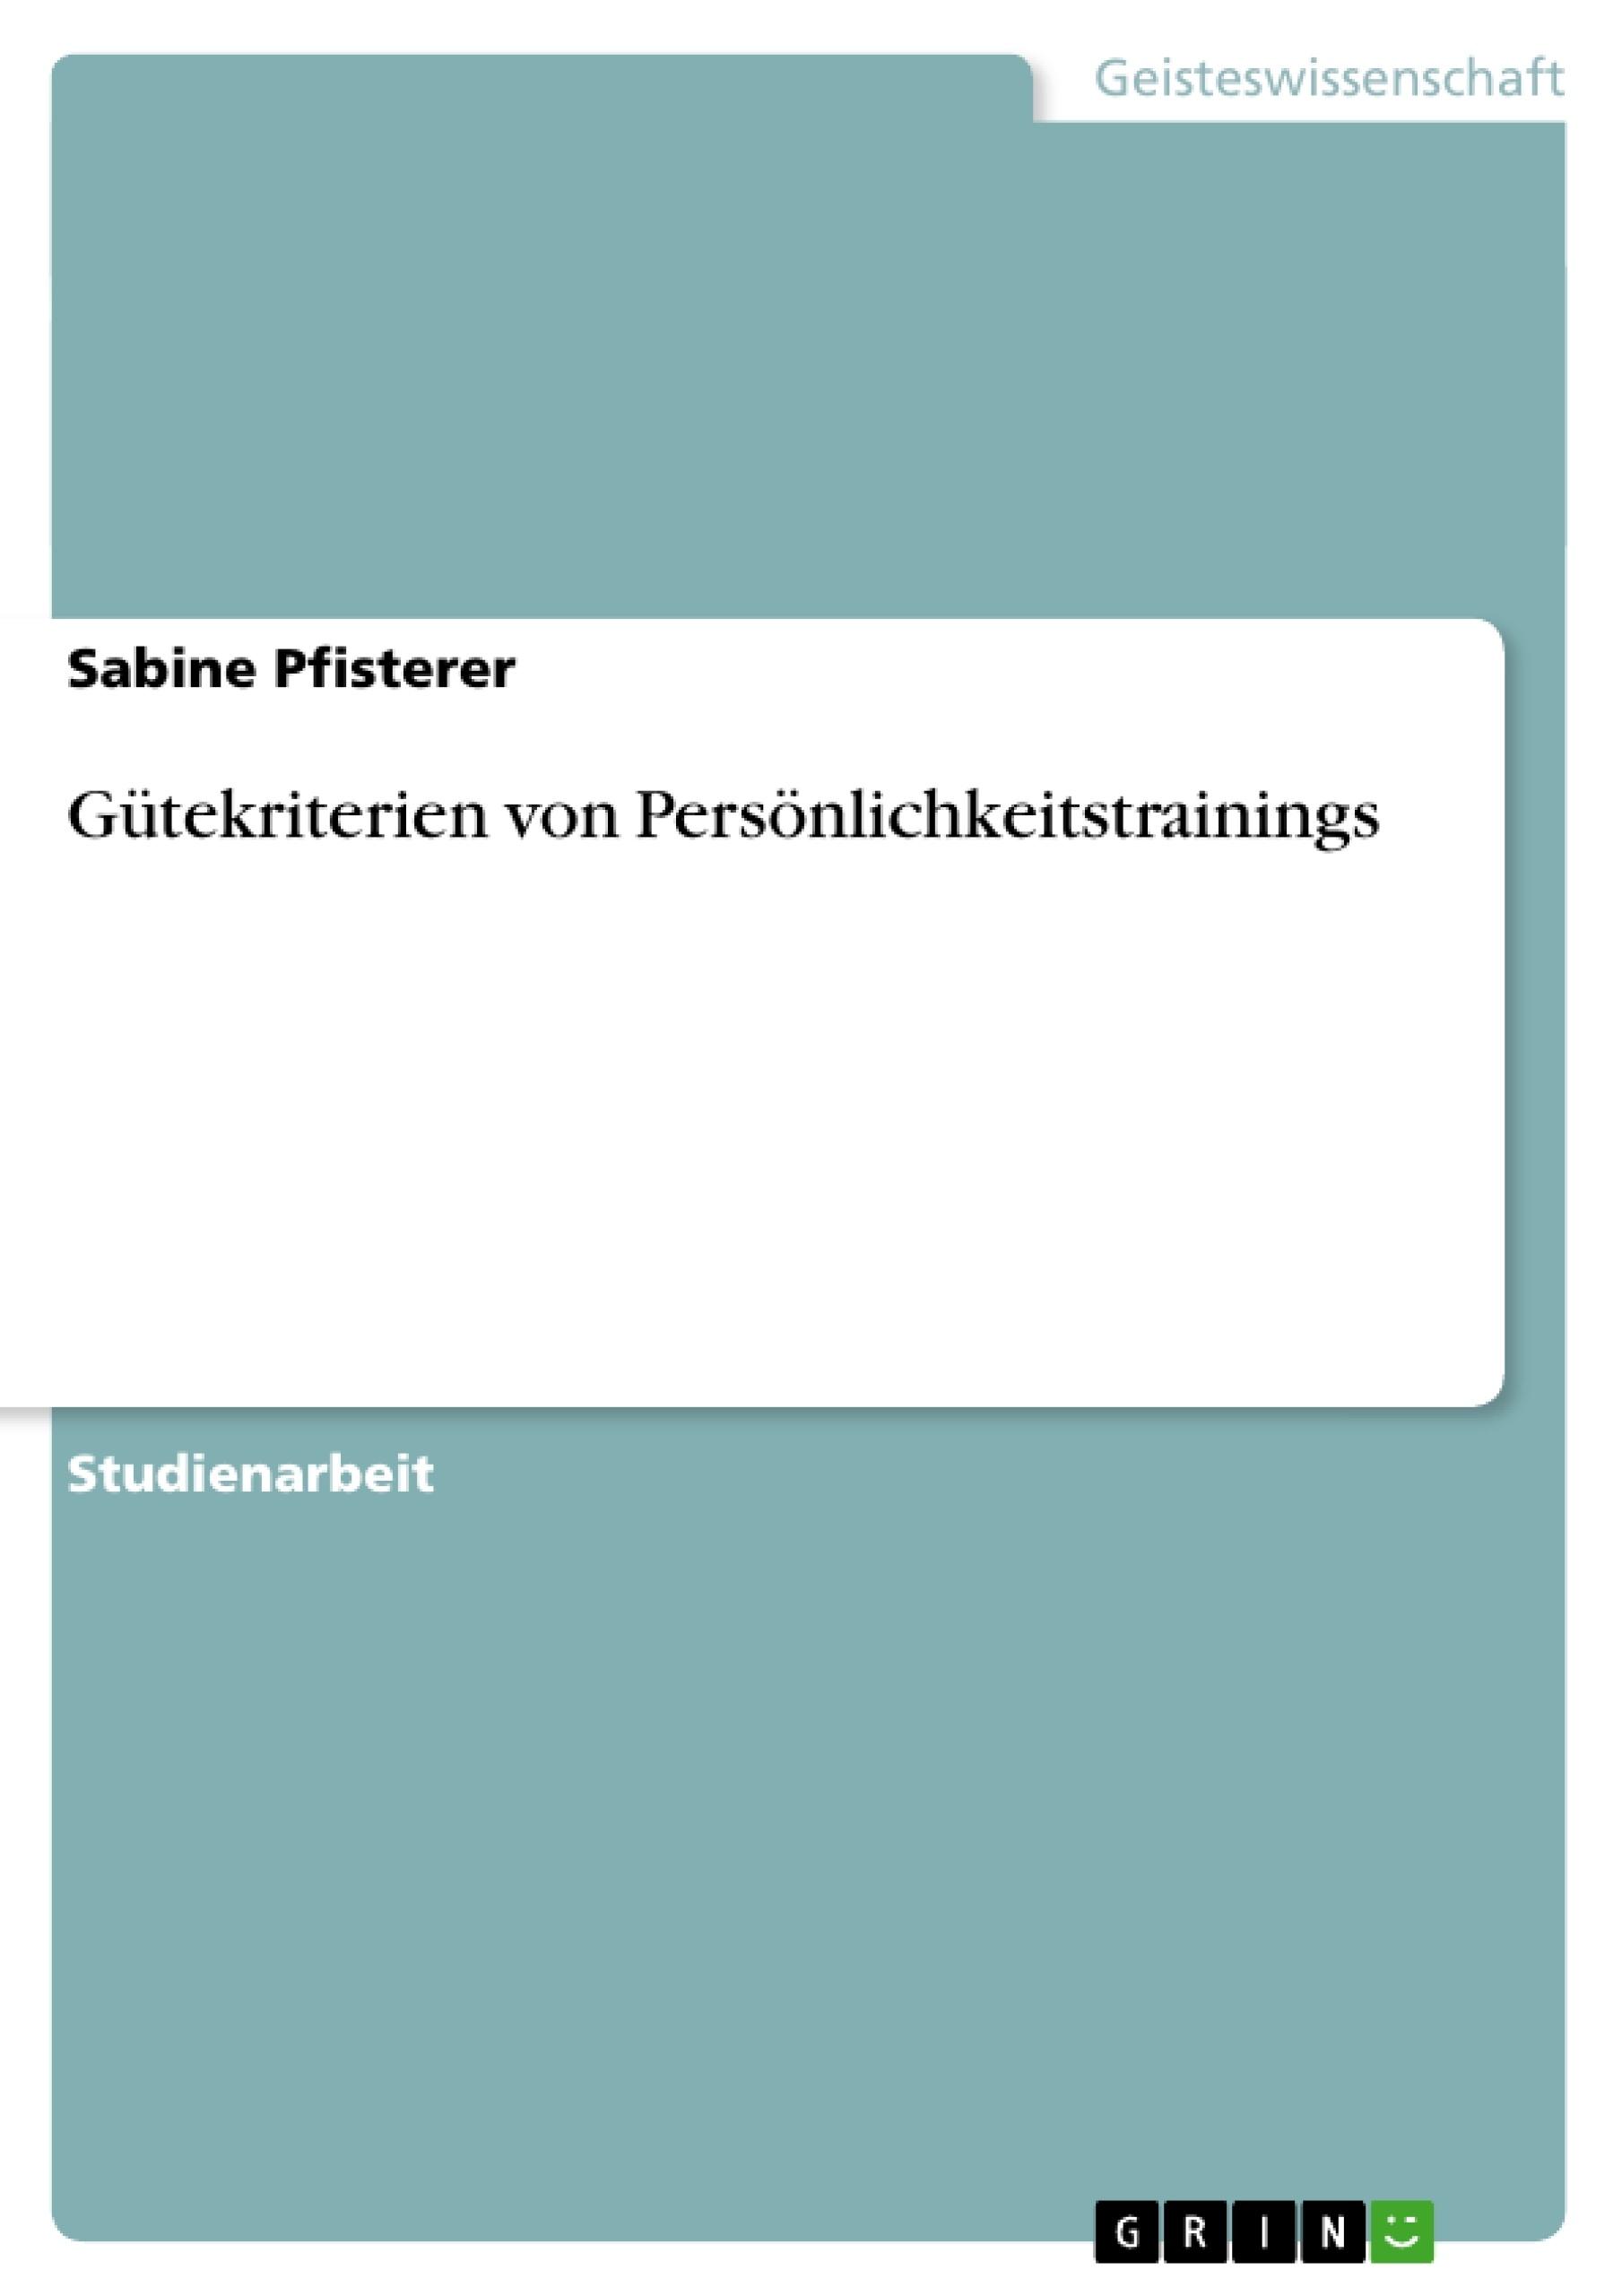 Titel: Gütekriterien von Persönlichkeitstrainings